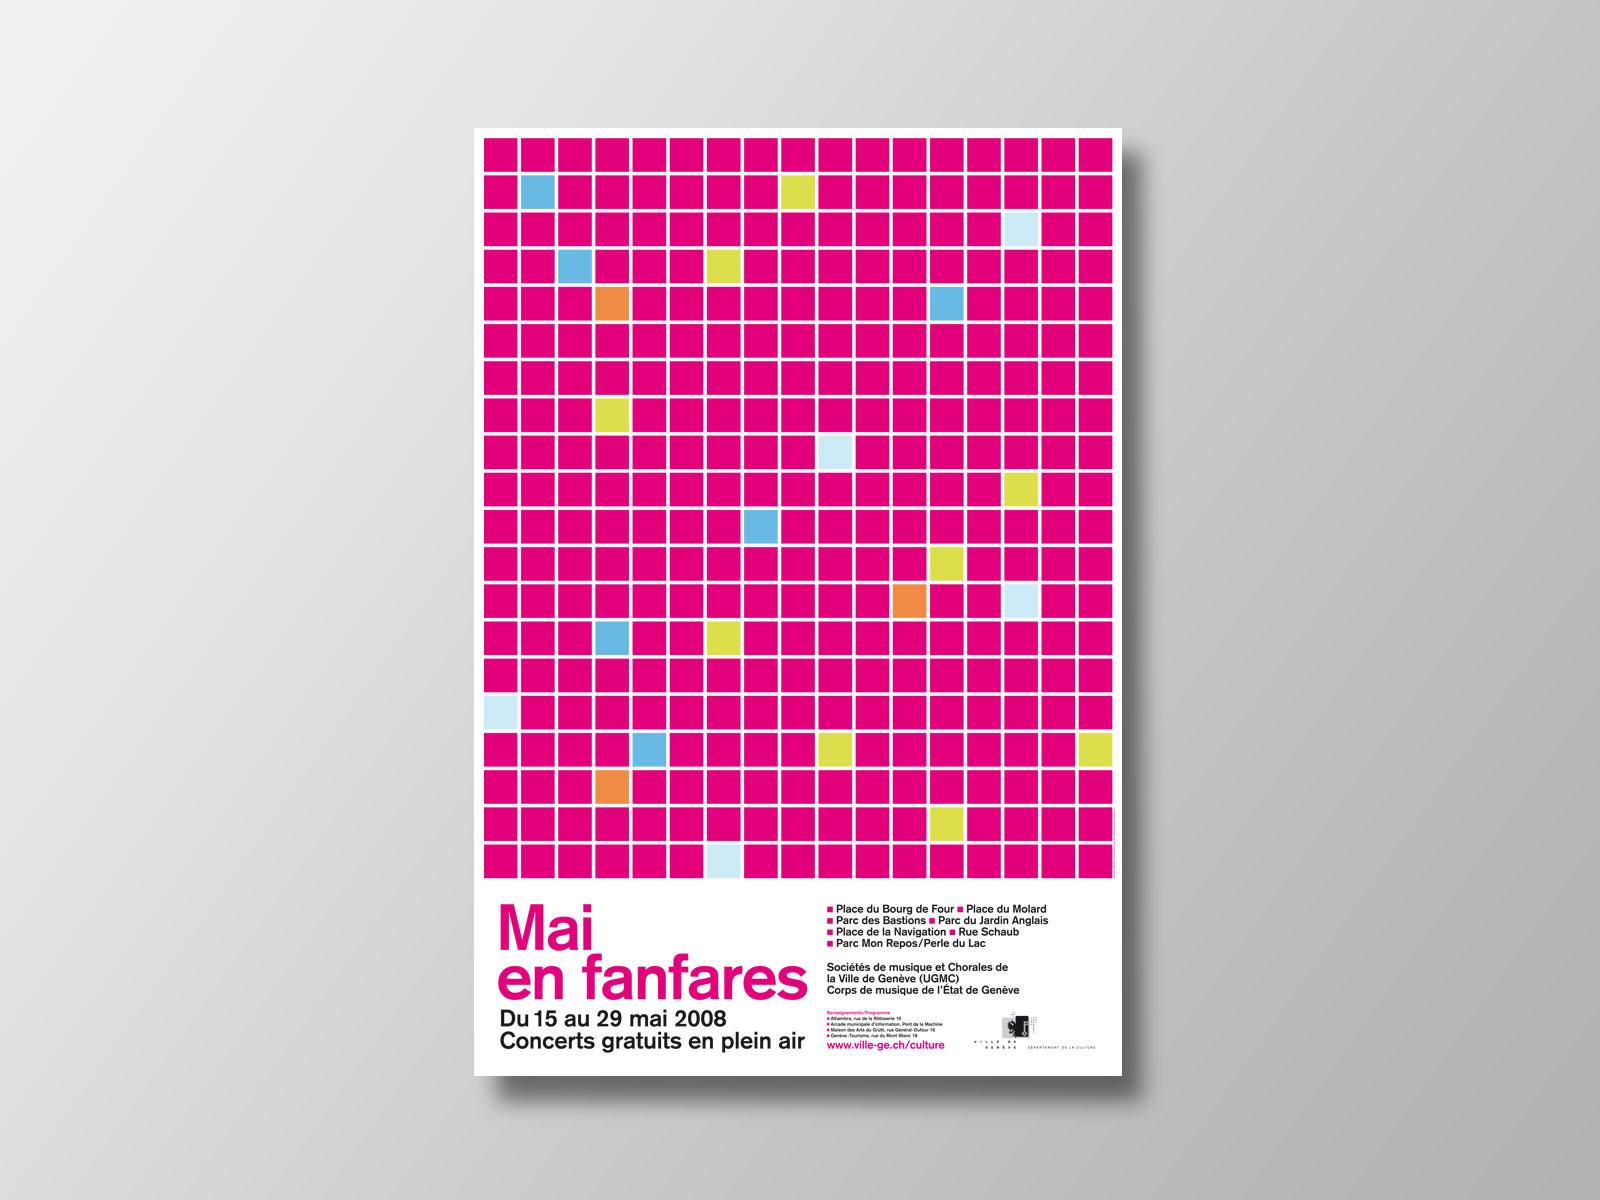 affiche-Mai-en-fanfares-1-new